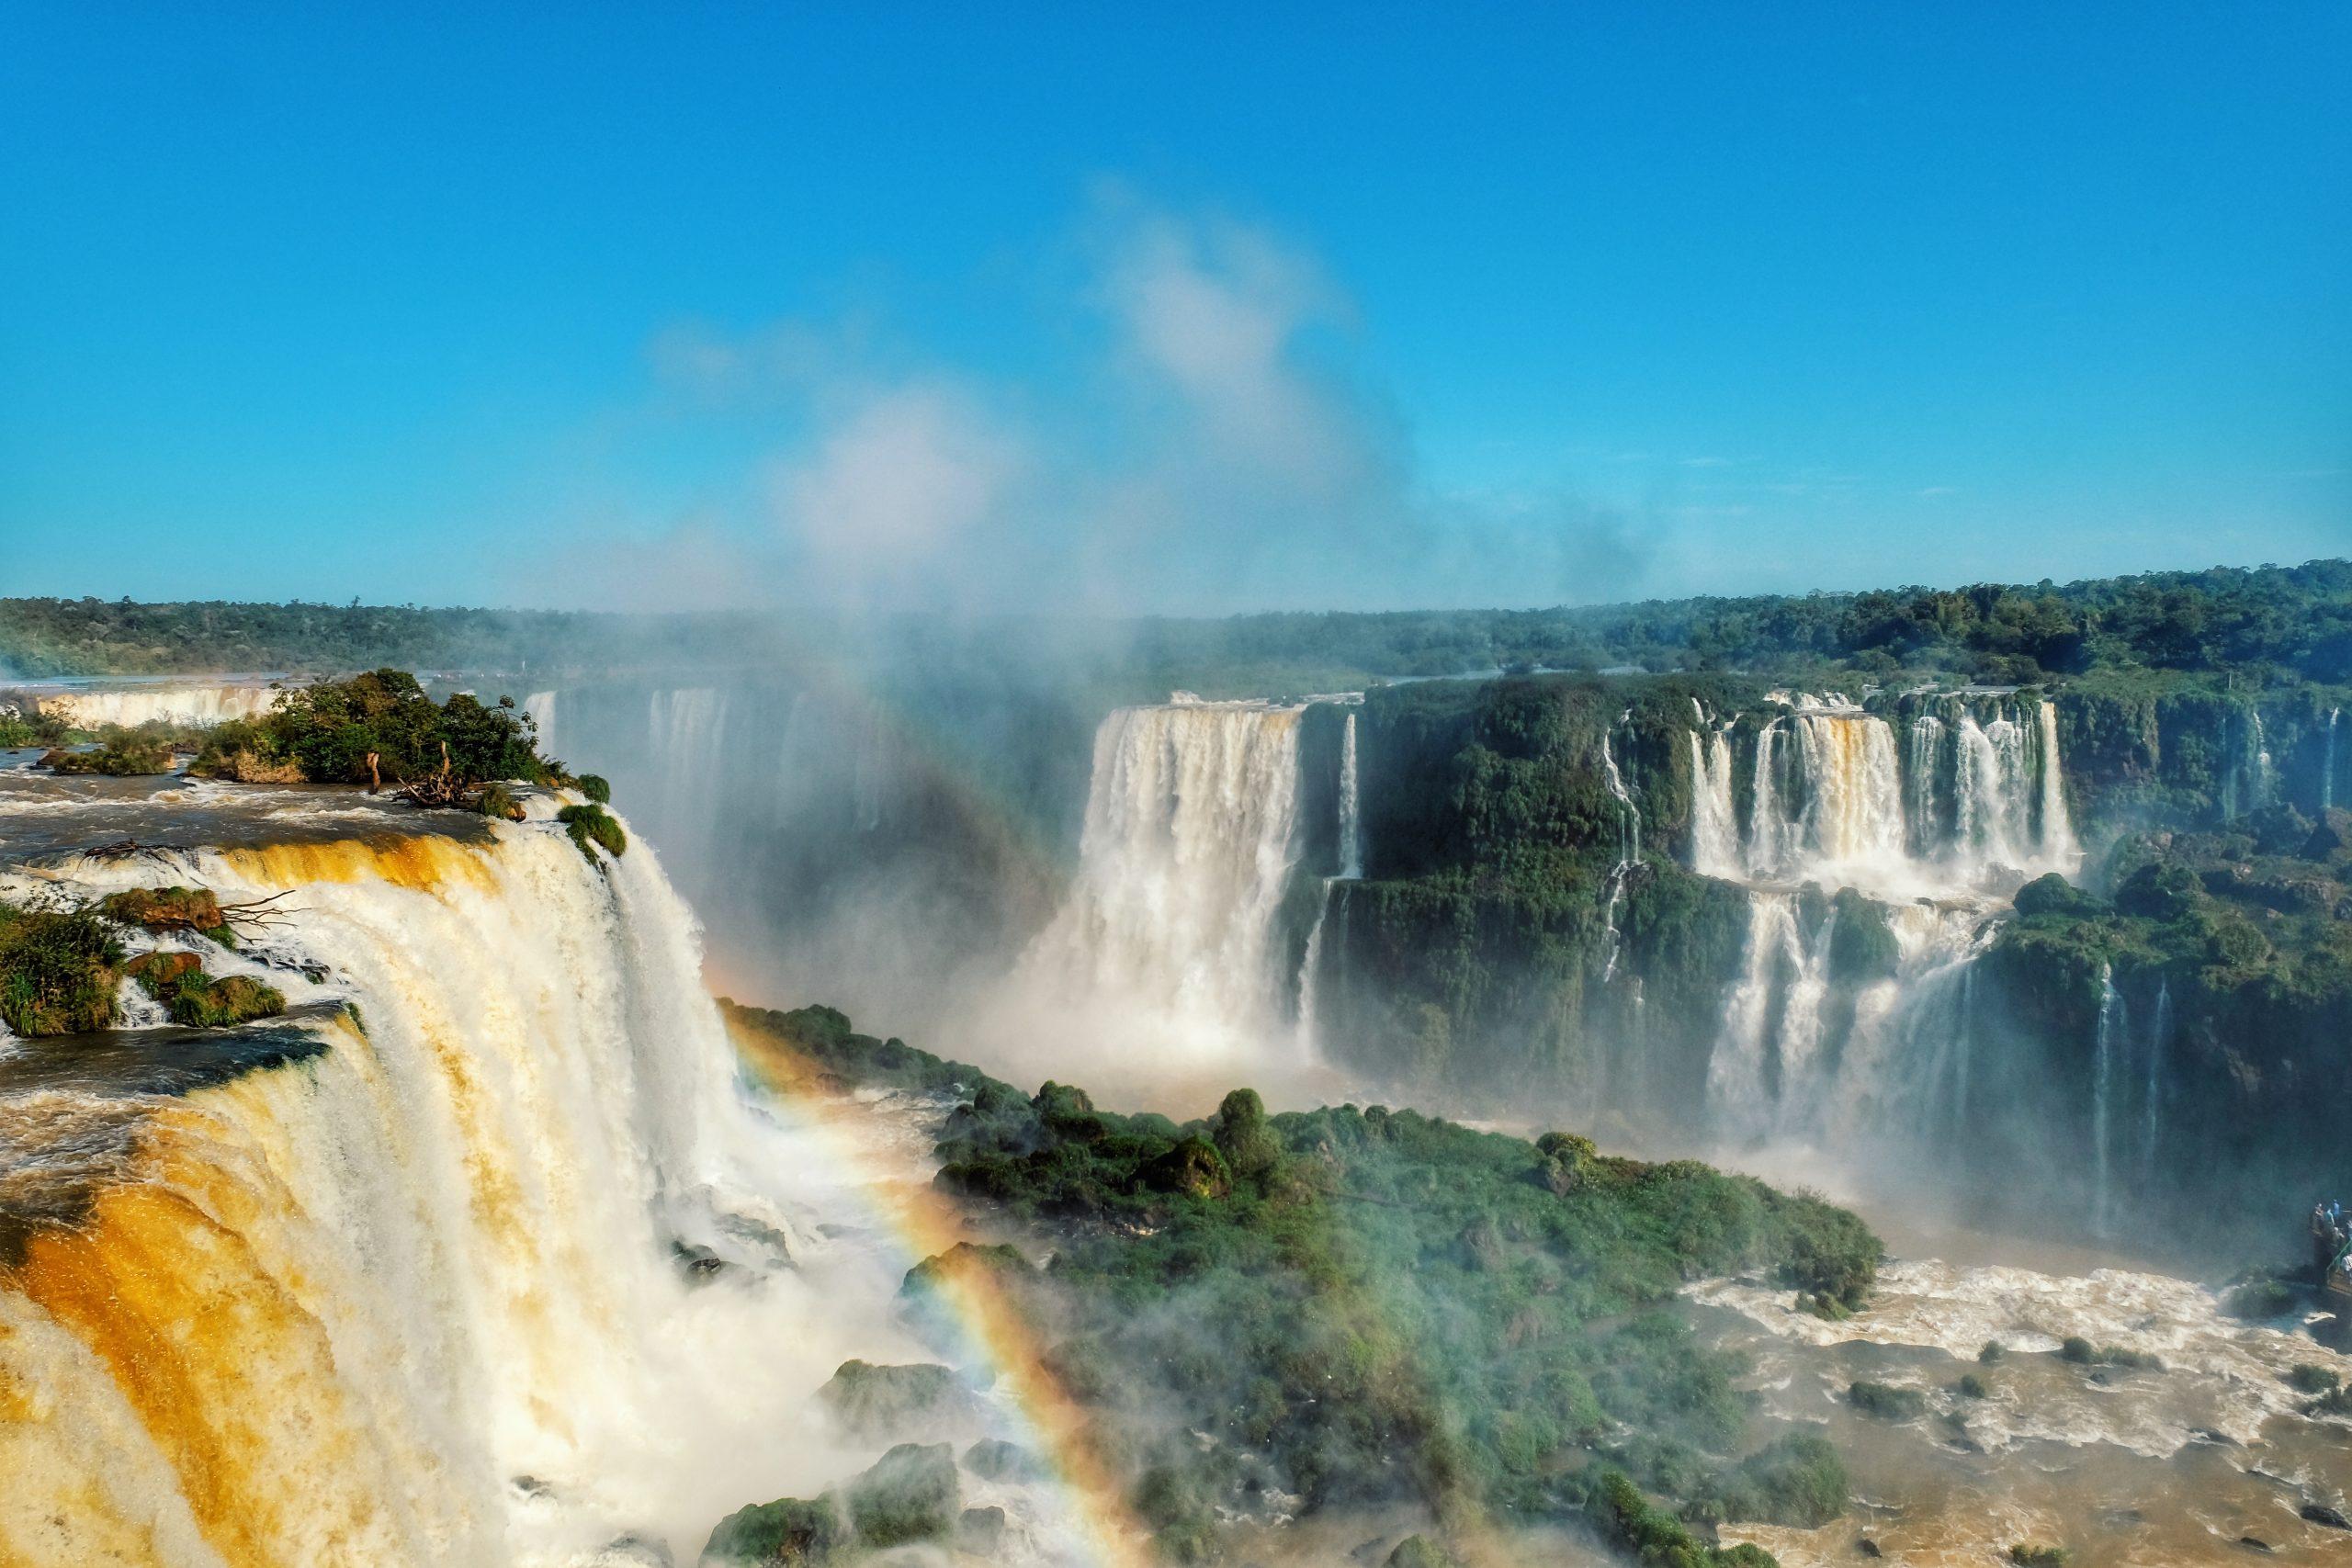 JIŽNÍ AMERIKA BRAZÍLIE (Vodopády Iguazu)